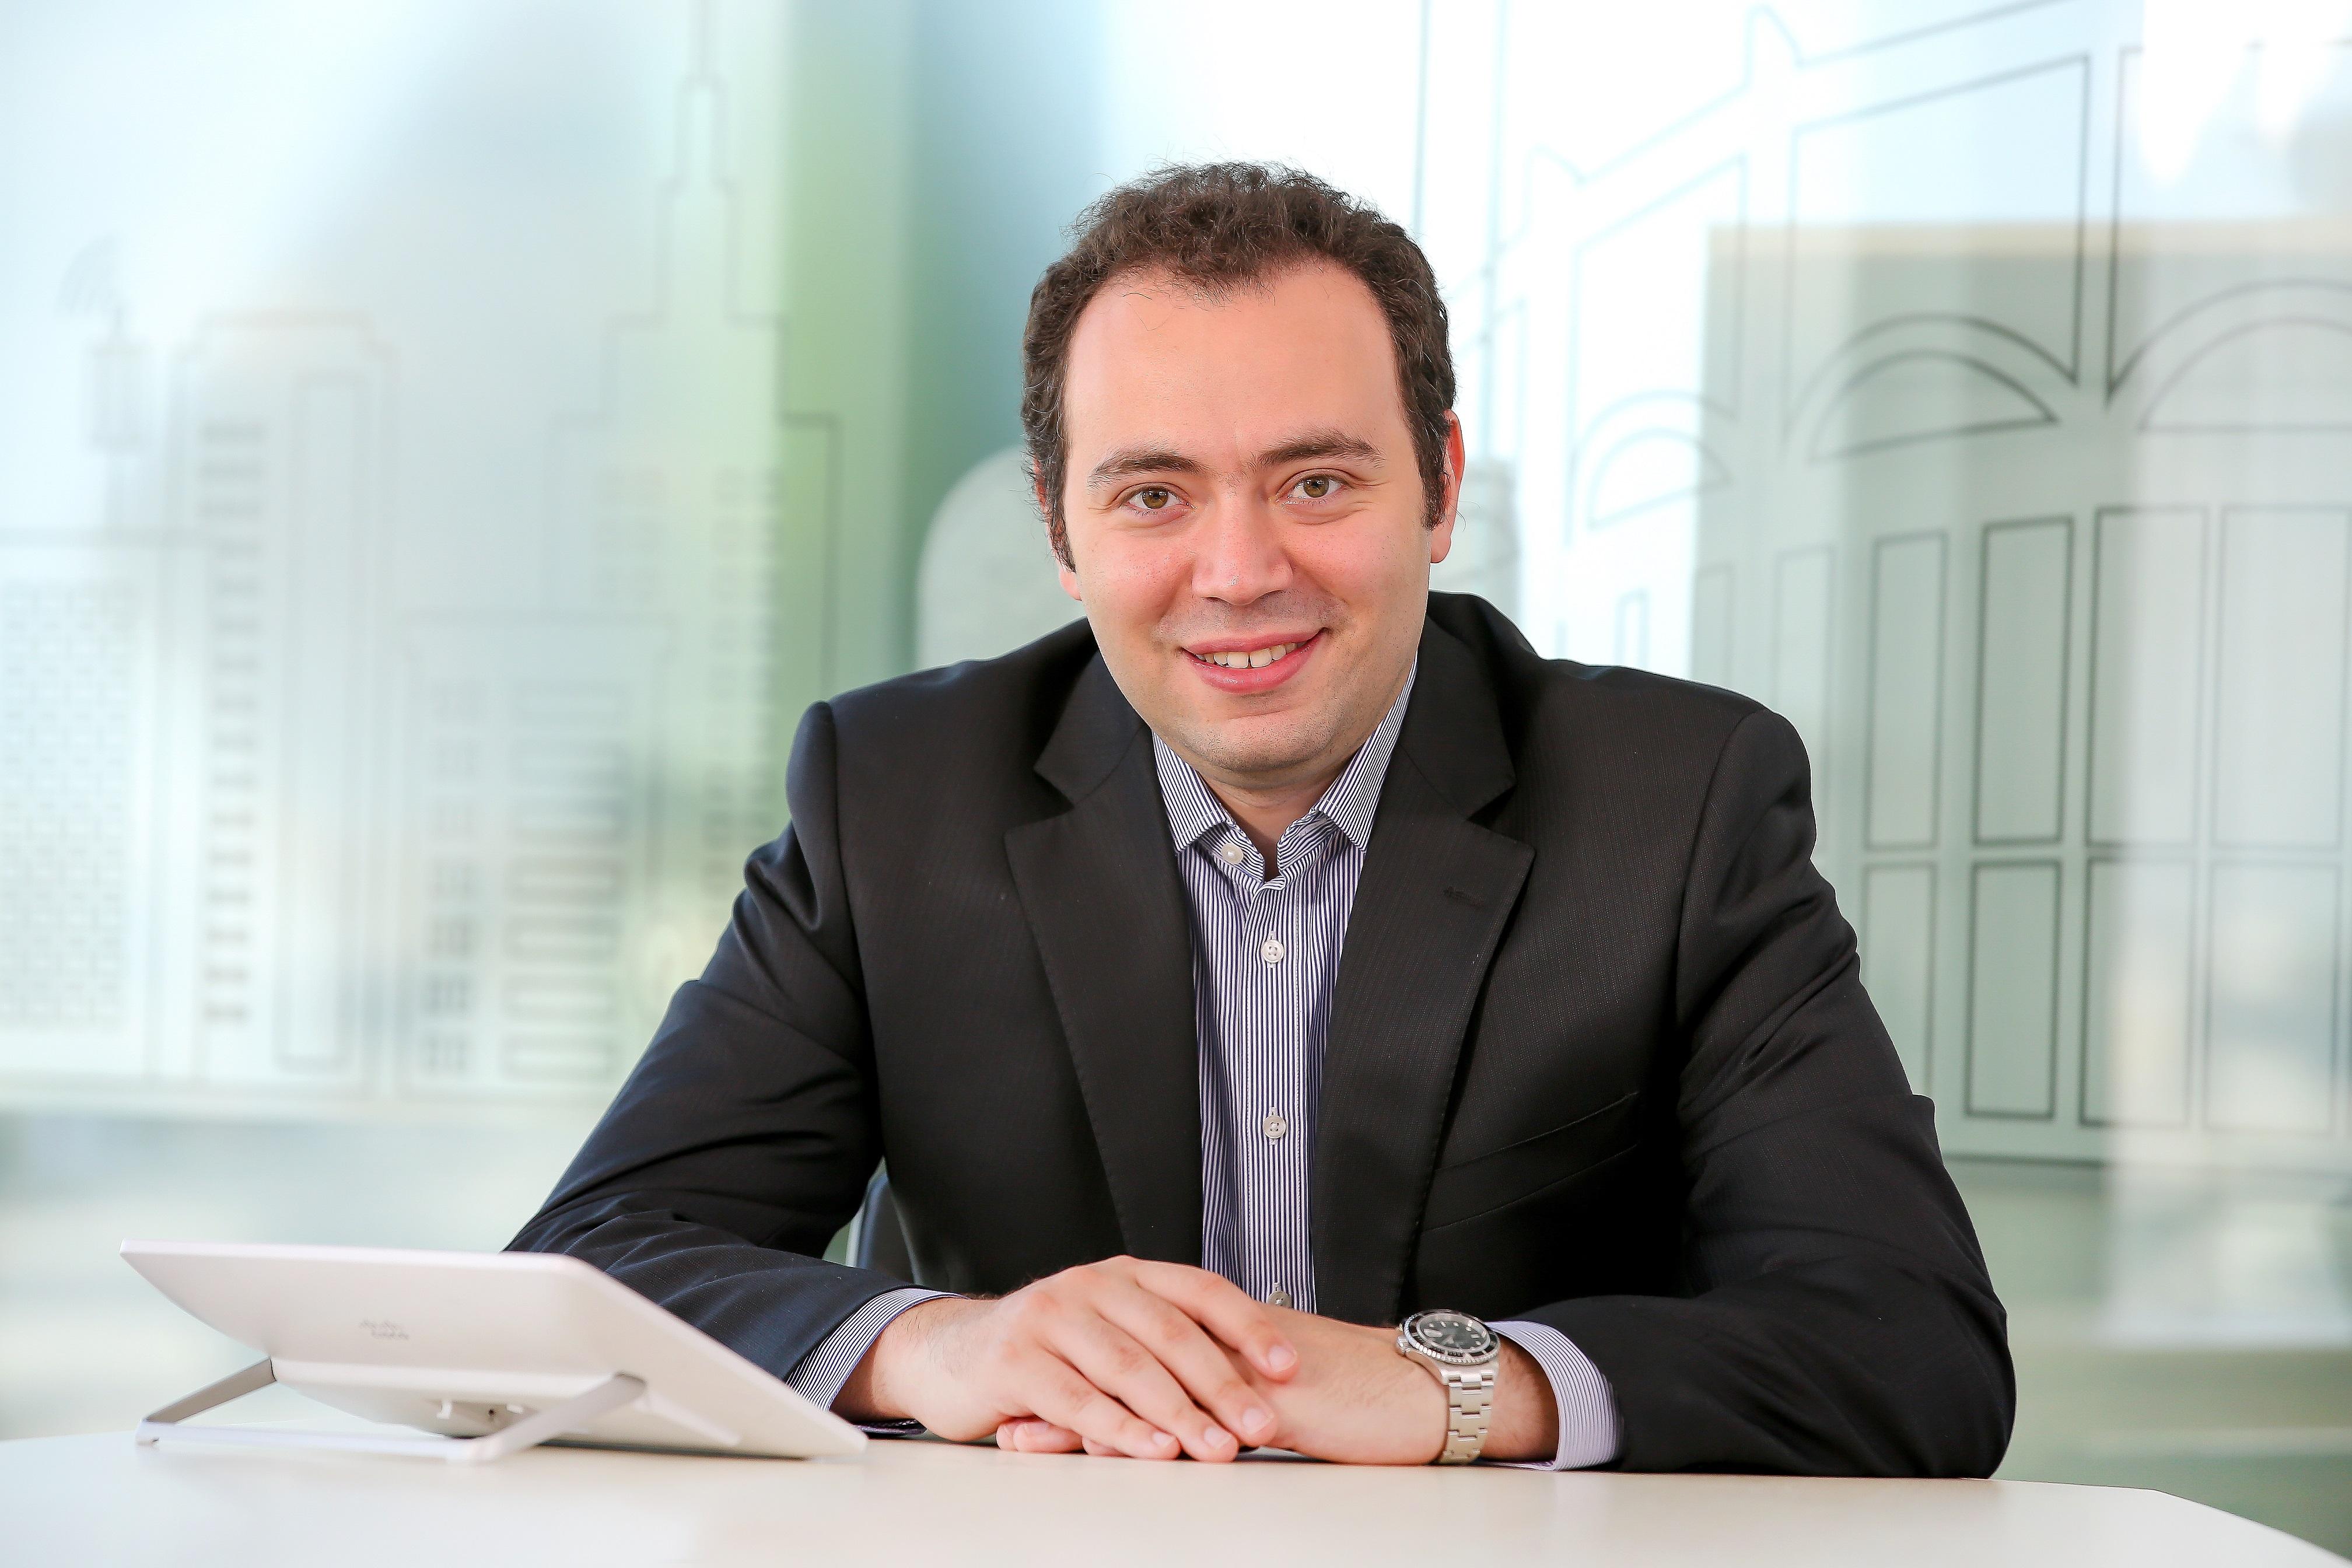 Mostafa El Beltagy, Vodafone România: Pandemia nu ne-a schimbat strategia de business, ne-a făcut să evaluăm viteza cu care trebuie să realizăm anumite lucruri